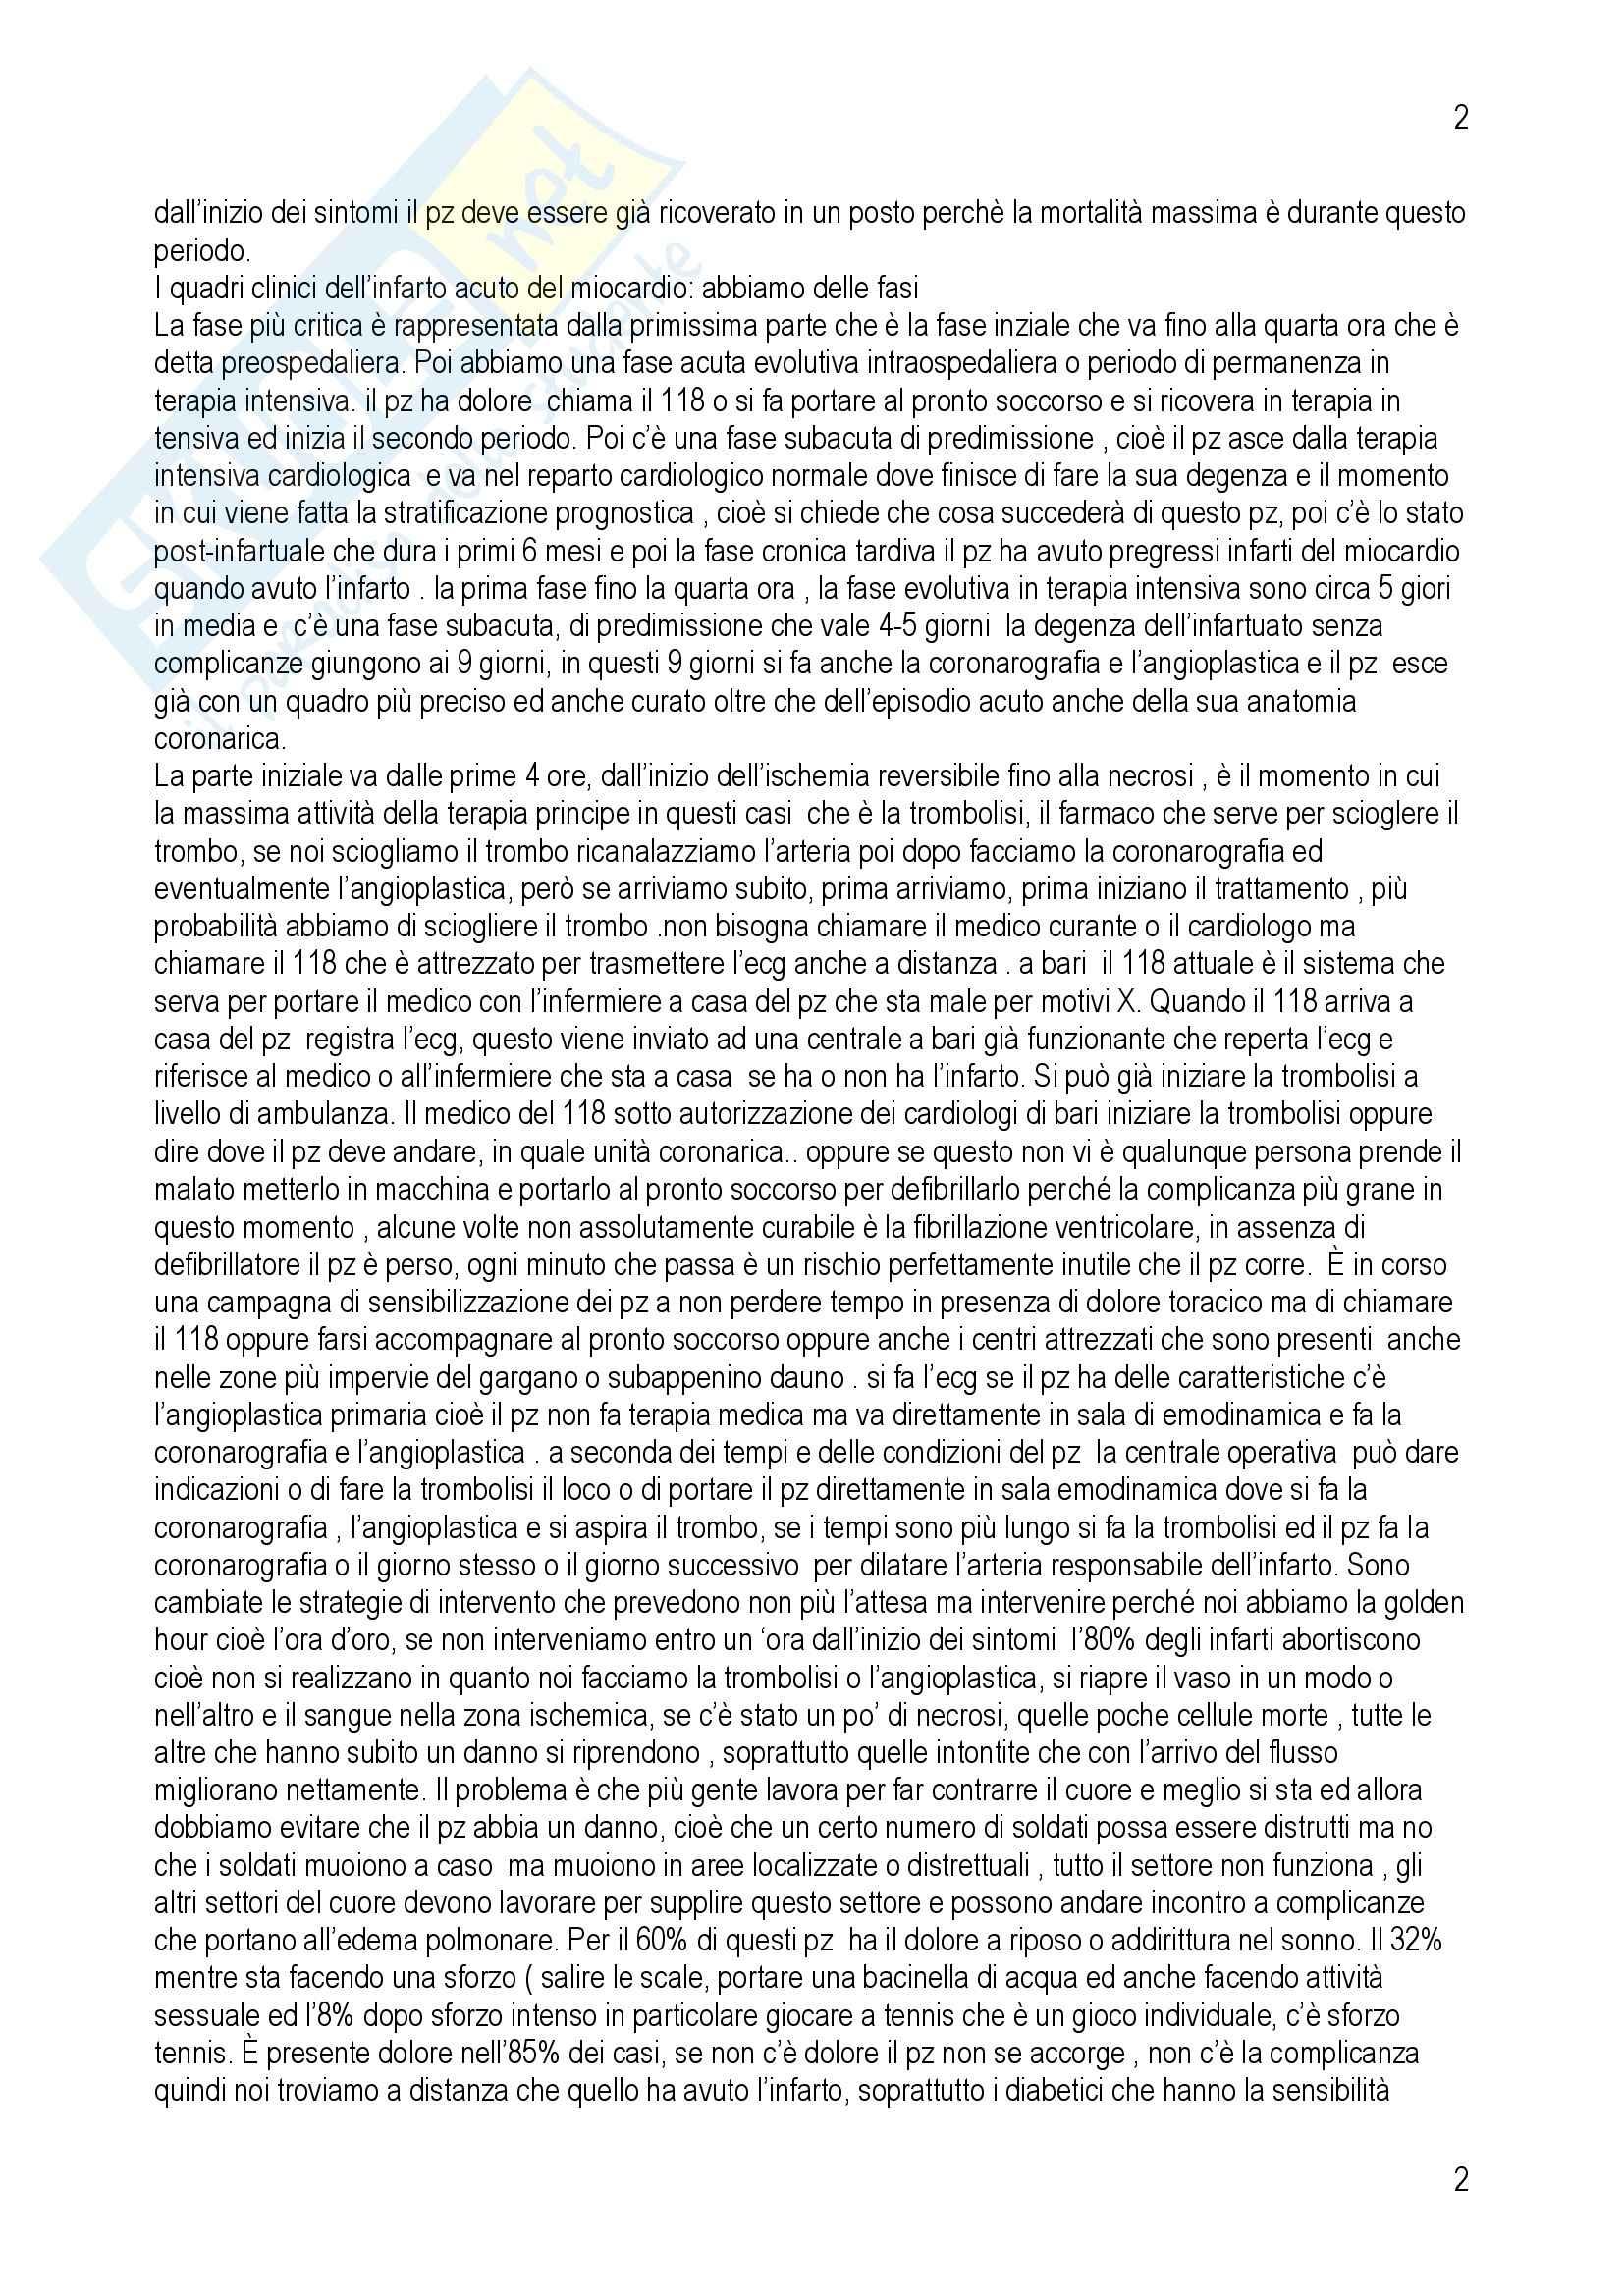 Cardiologia - IMA Pag. 2